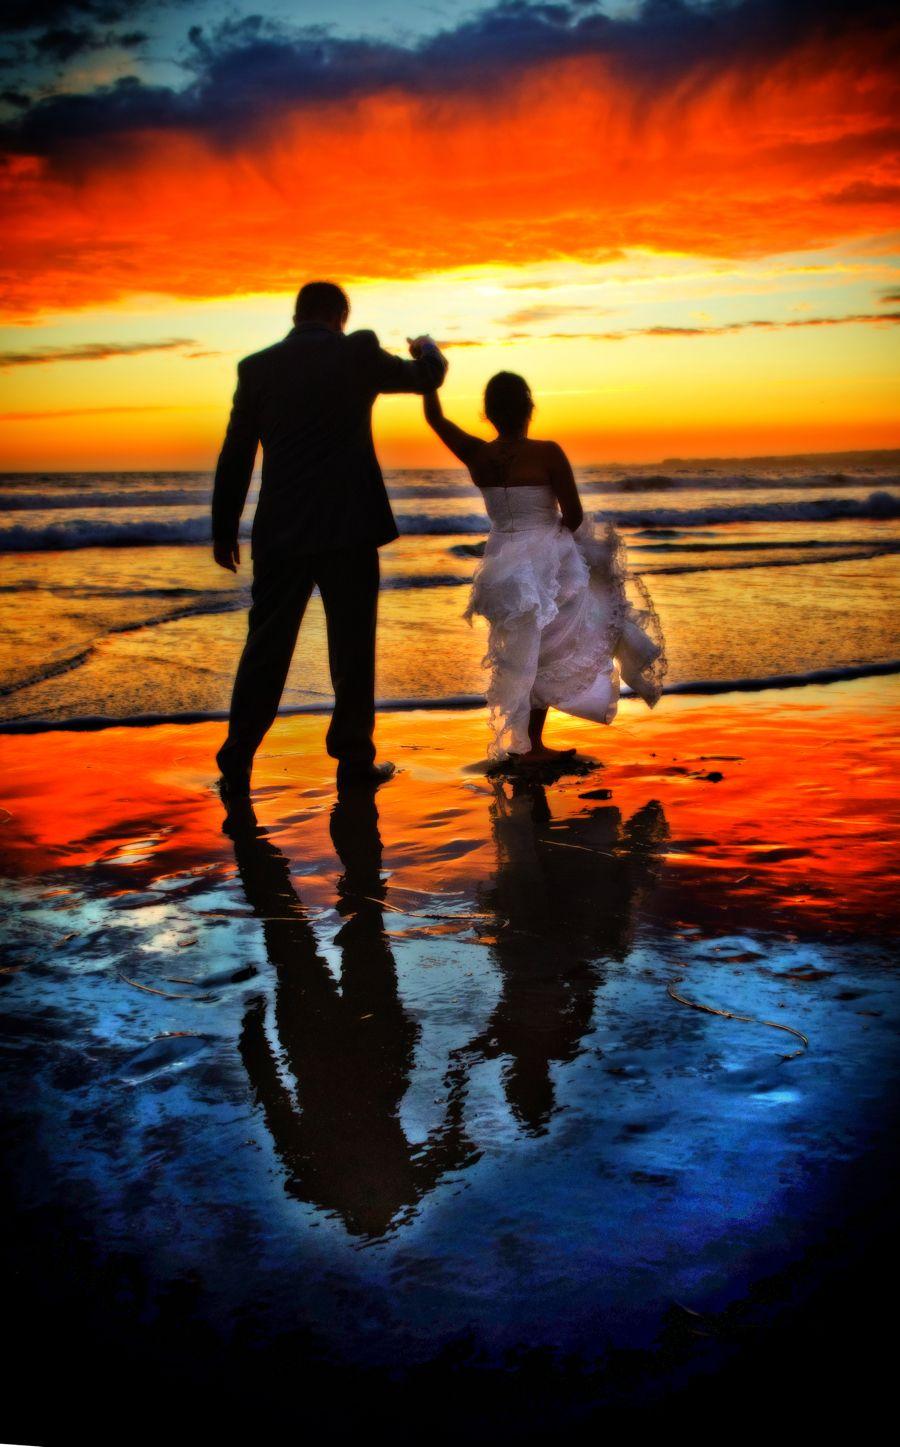 Sunrise beach wedding  Sunset Couple  Neil Simmons Beach Wedding Photography  beach